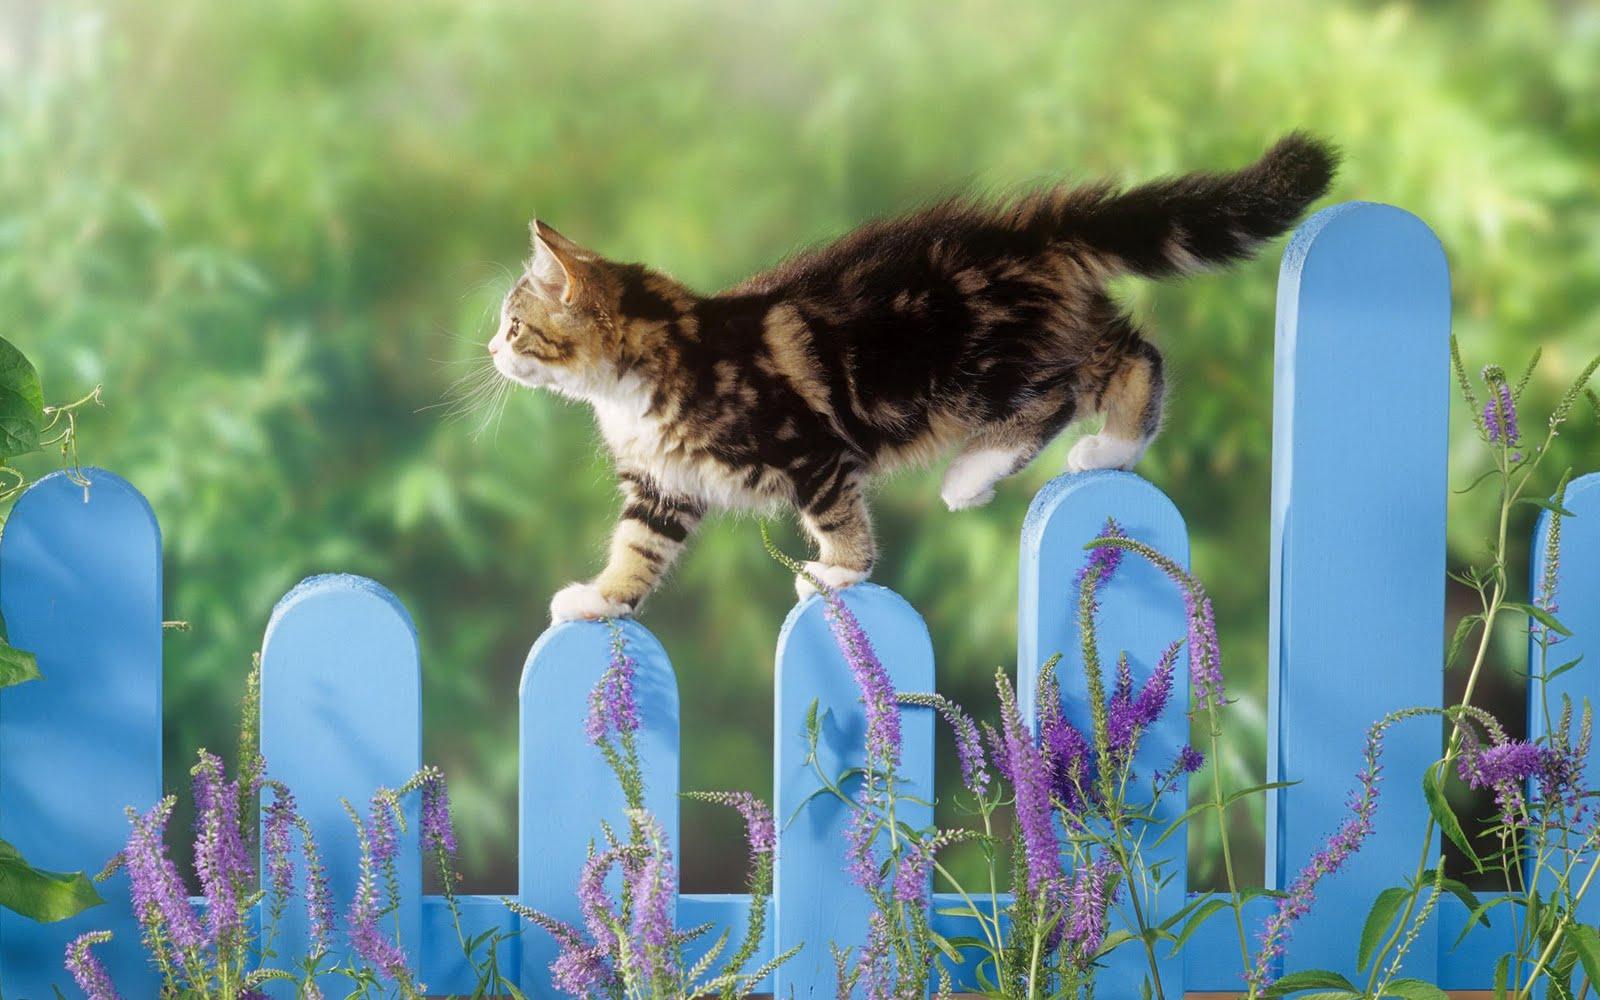 http://4.bp.blogspot.com/_KLJU3hHDGVM/S-lCtgHKsZI/AAAAAAAAB-I/TBie_lH2KeQ/s1600/cats+%283%29.jpg